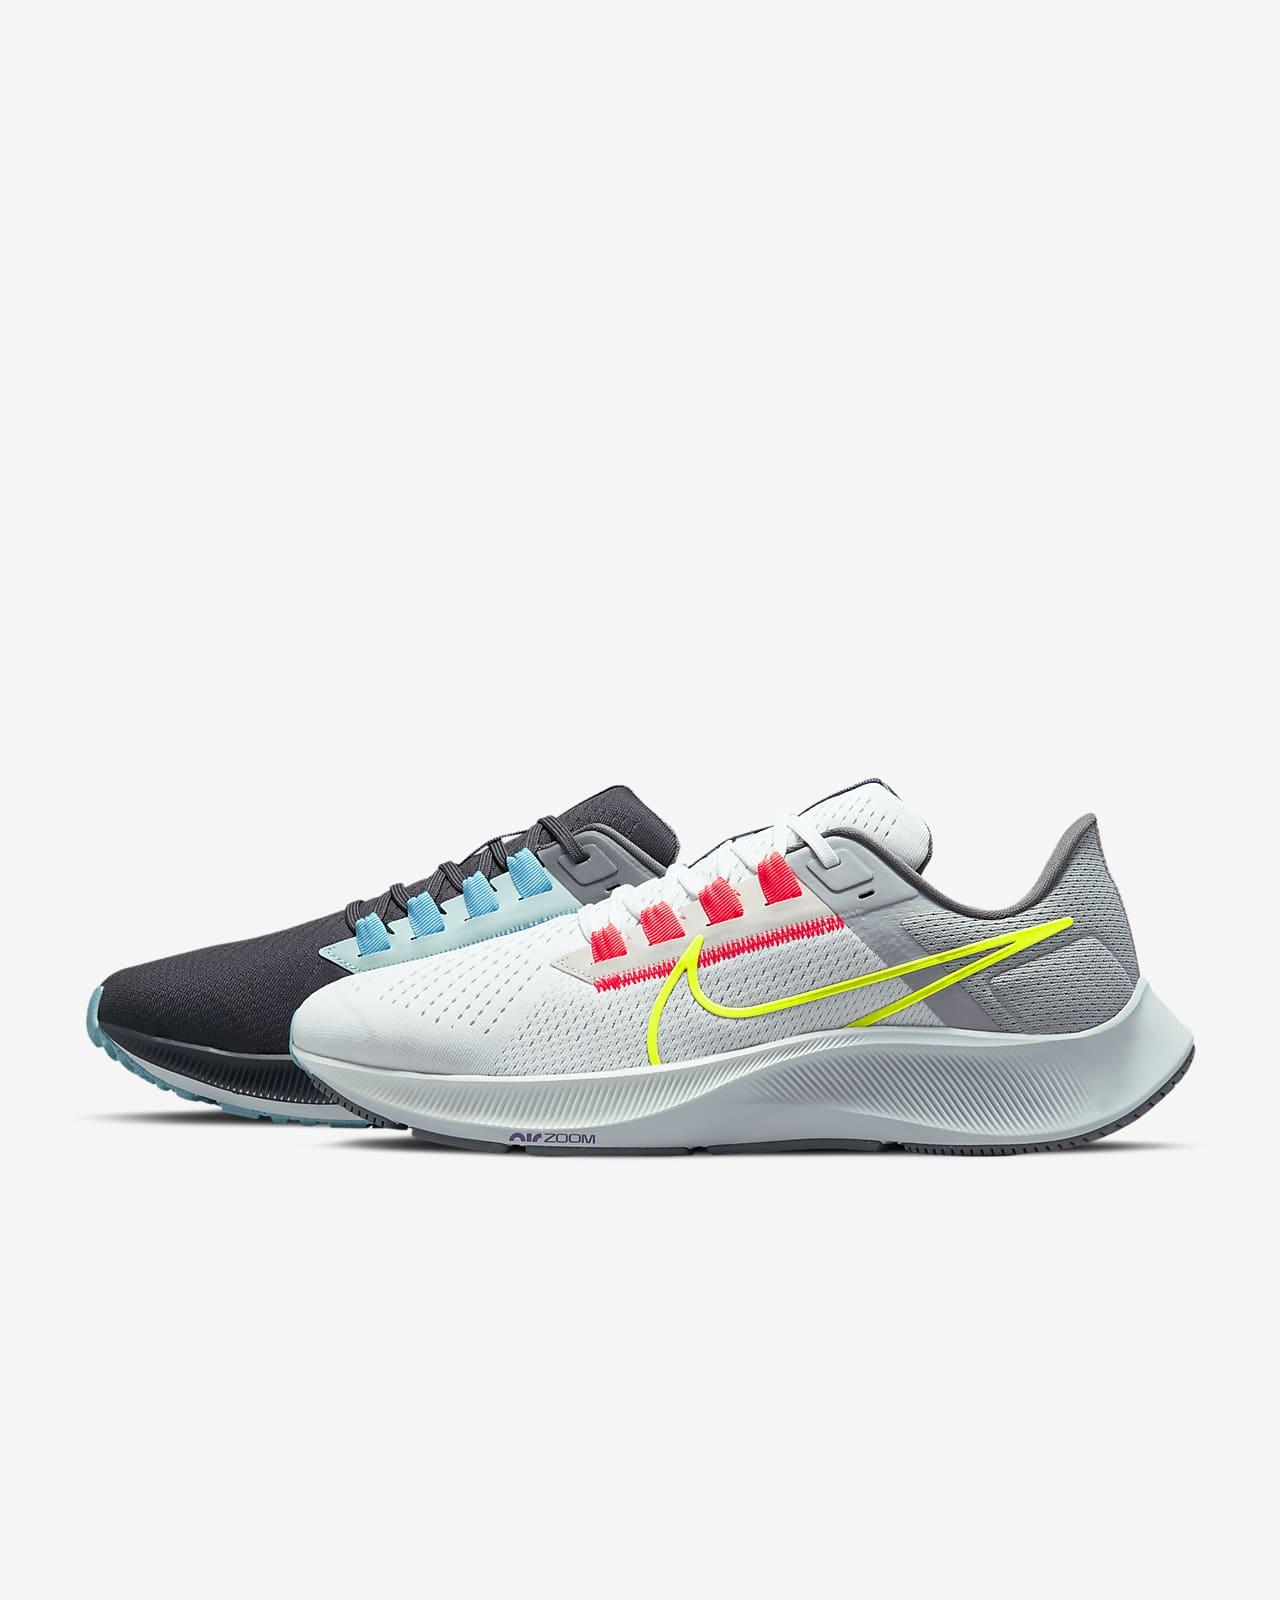 Ανδρικό παπούτσι για τρέξιμο Nike Air Zoom Pegasus 38 Limited Edition